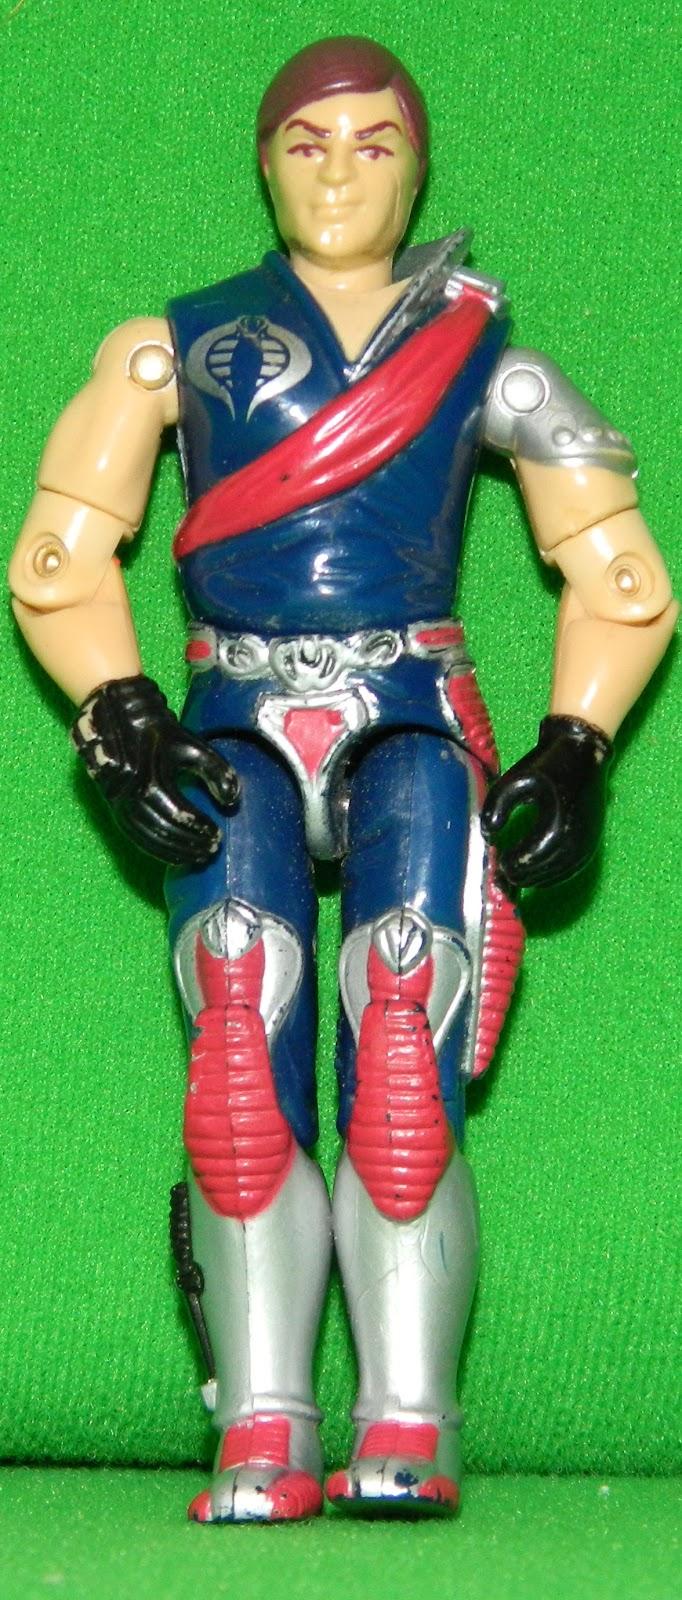 The Voodoo Vintage: 80s Toys: Transformers, GI Joe, TMNT ...